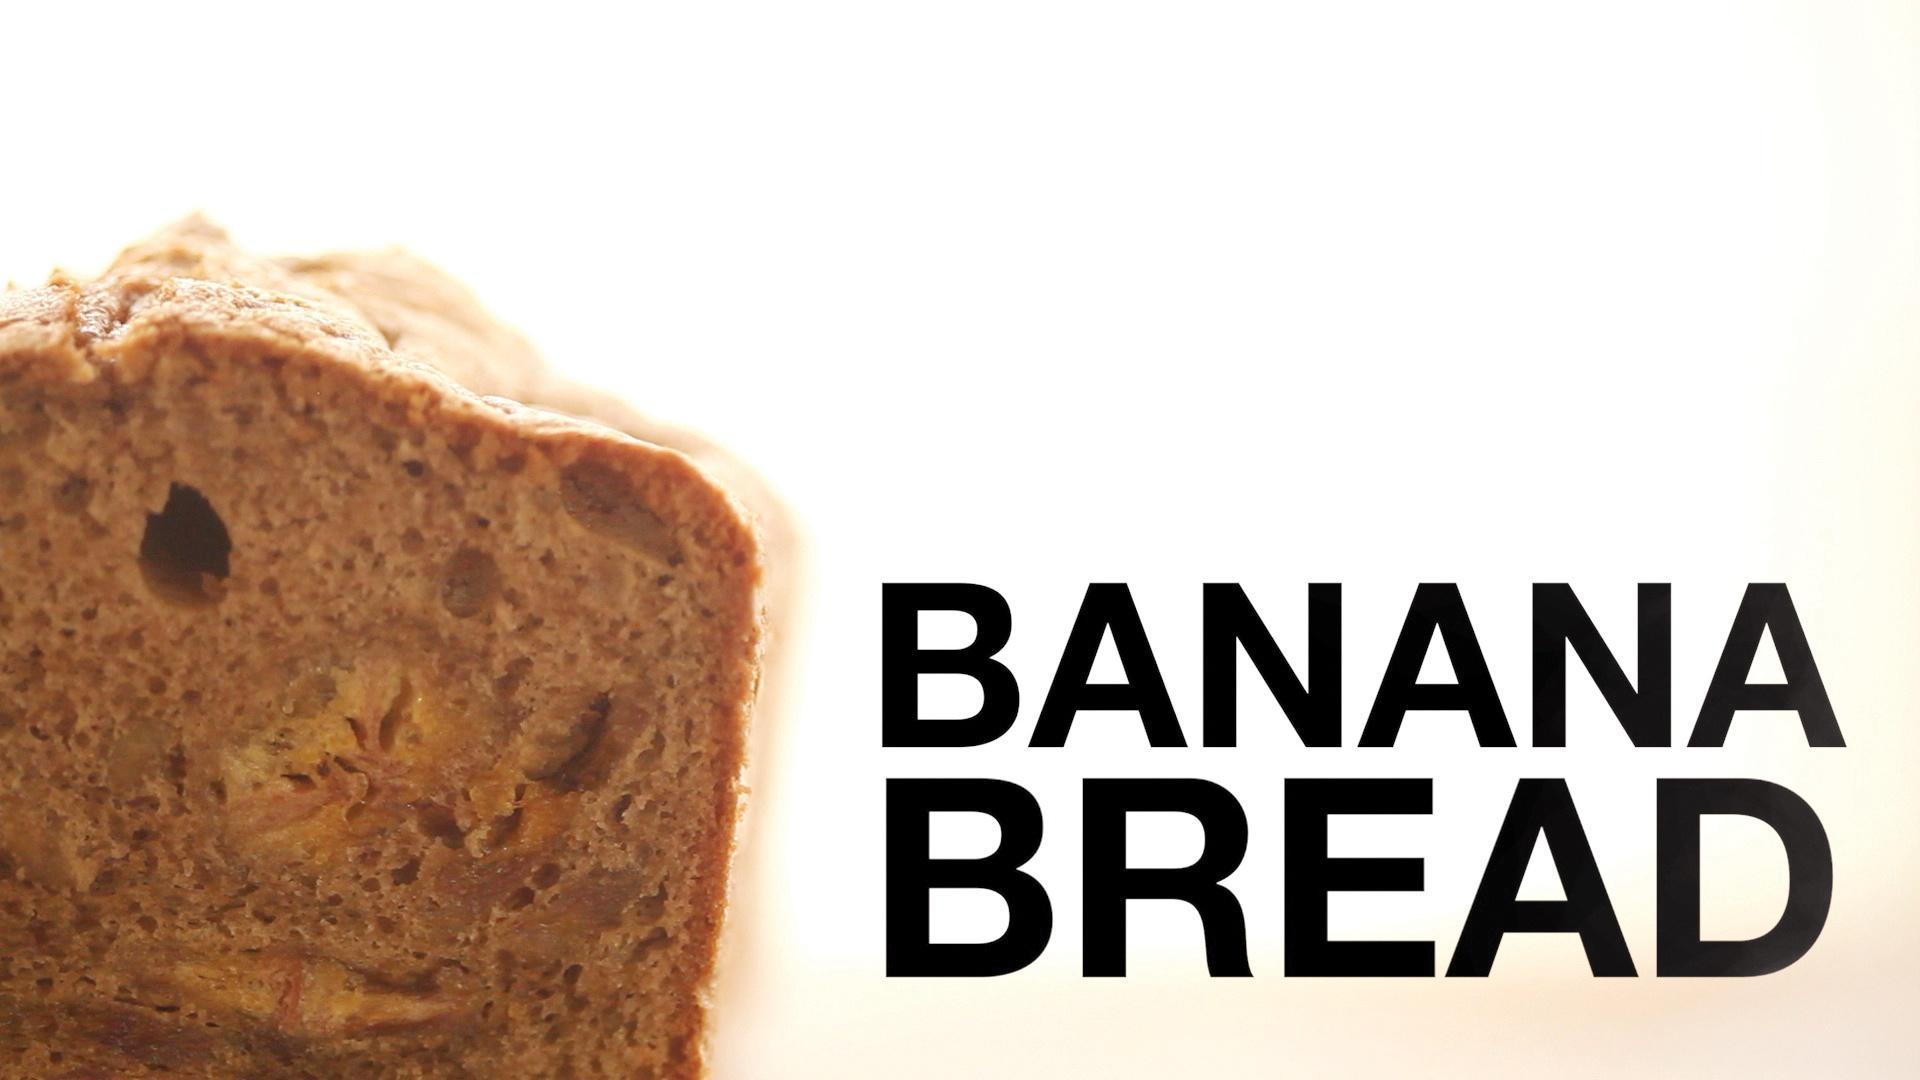 Banana Bread image